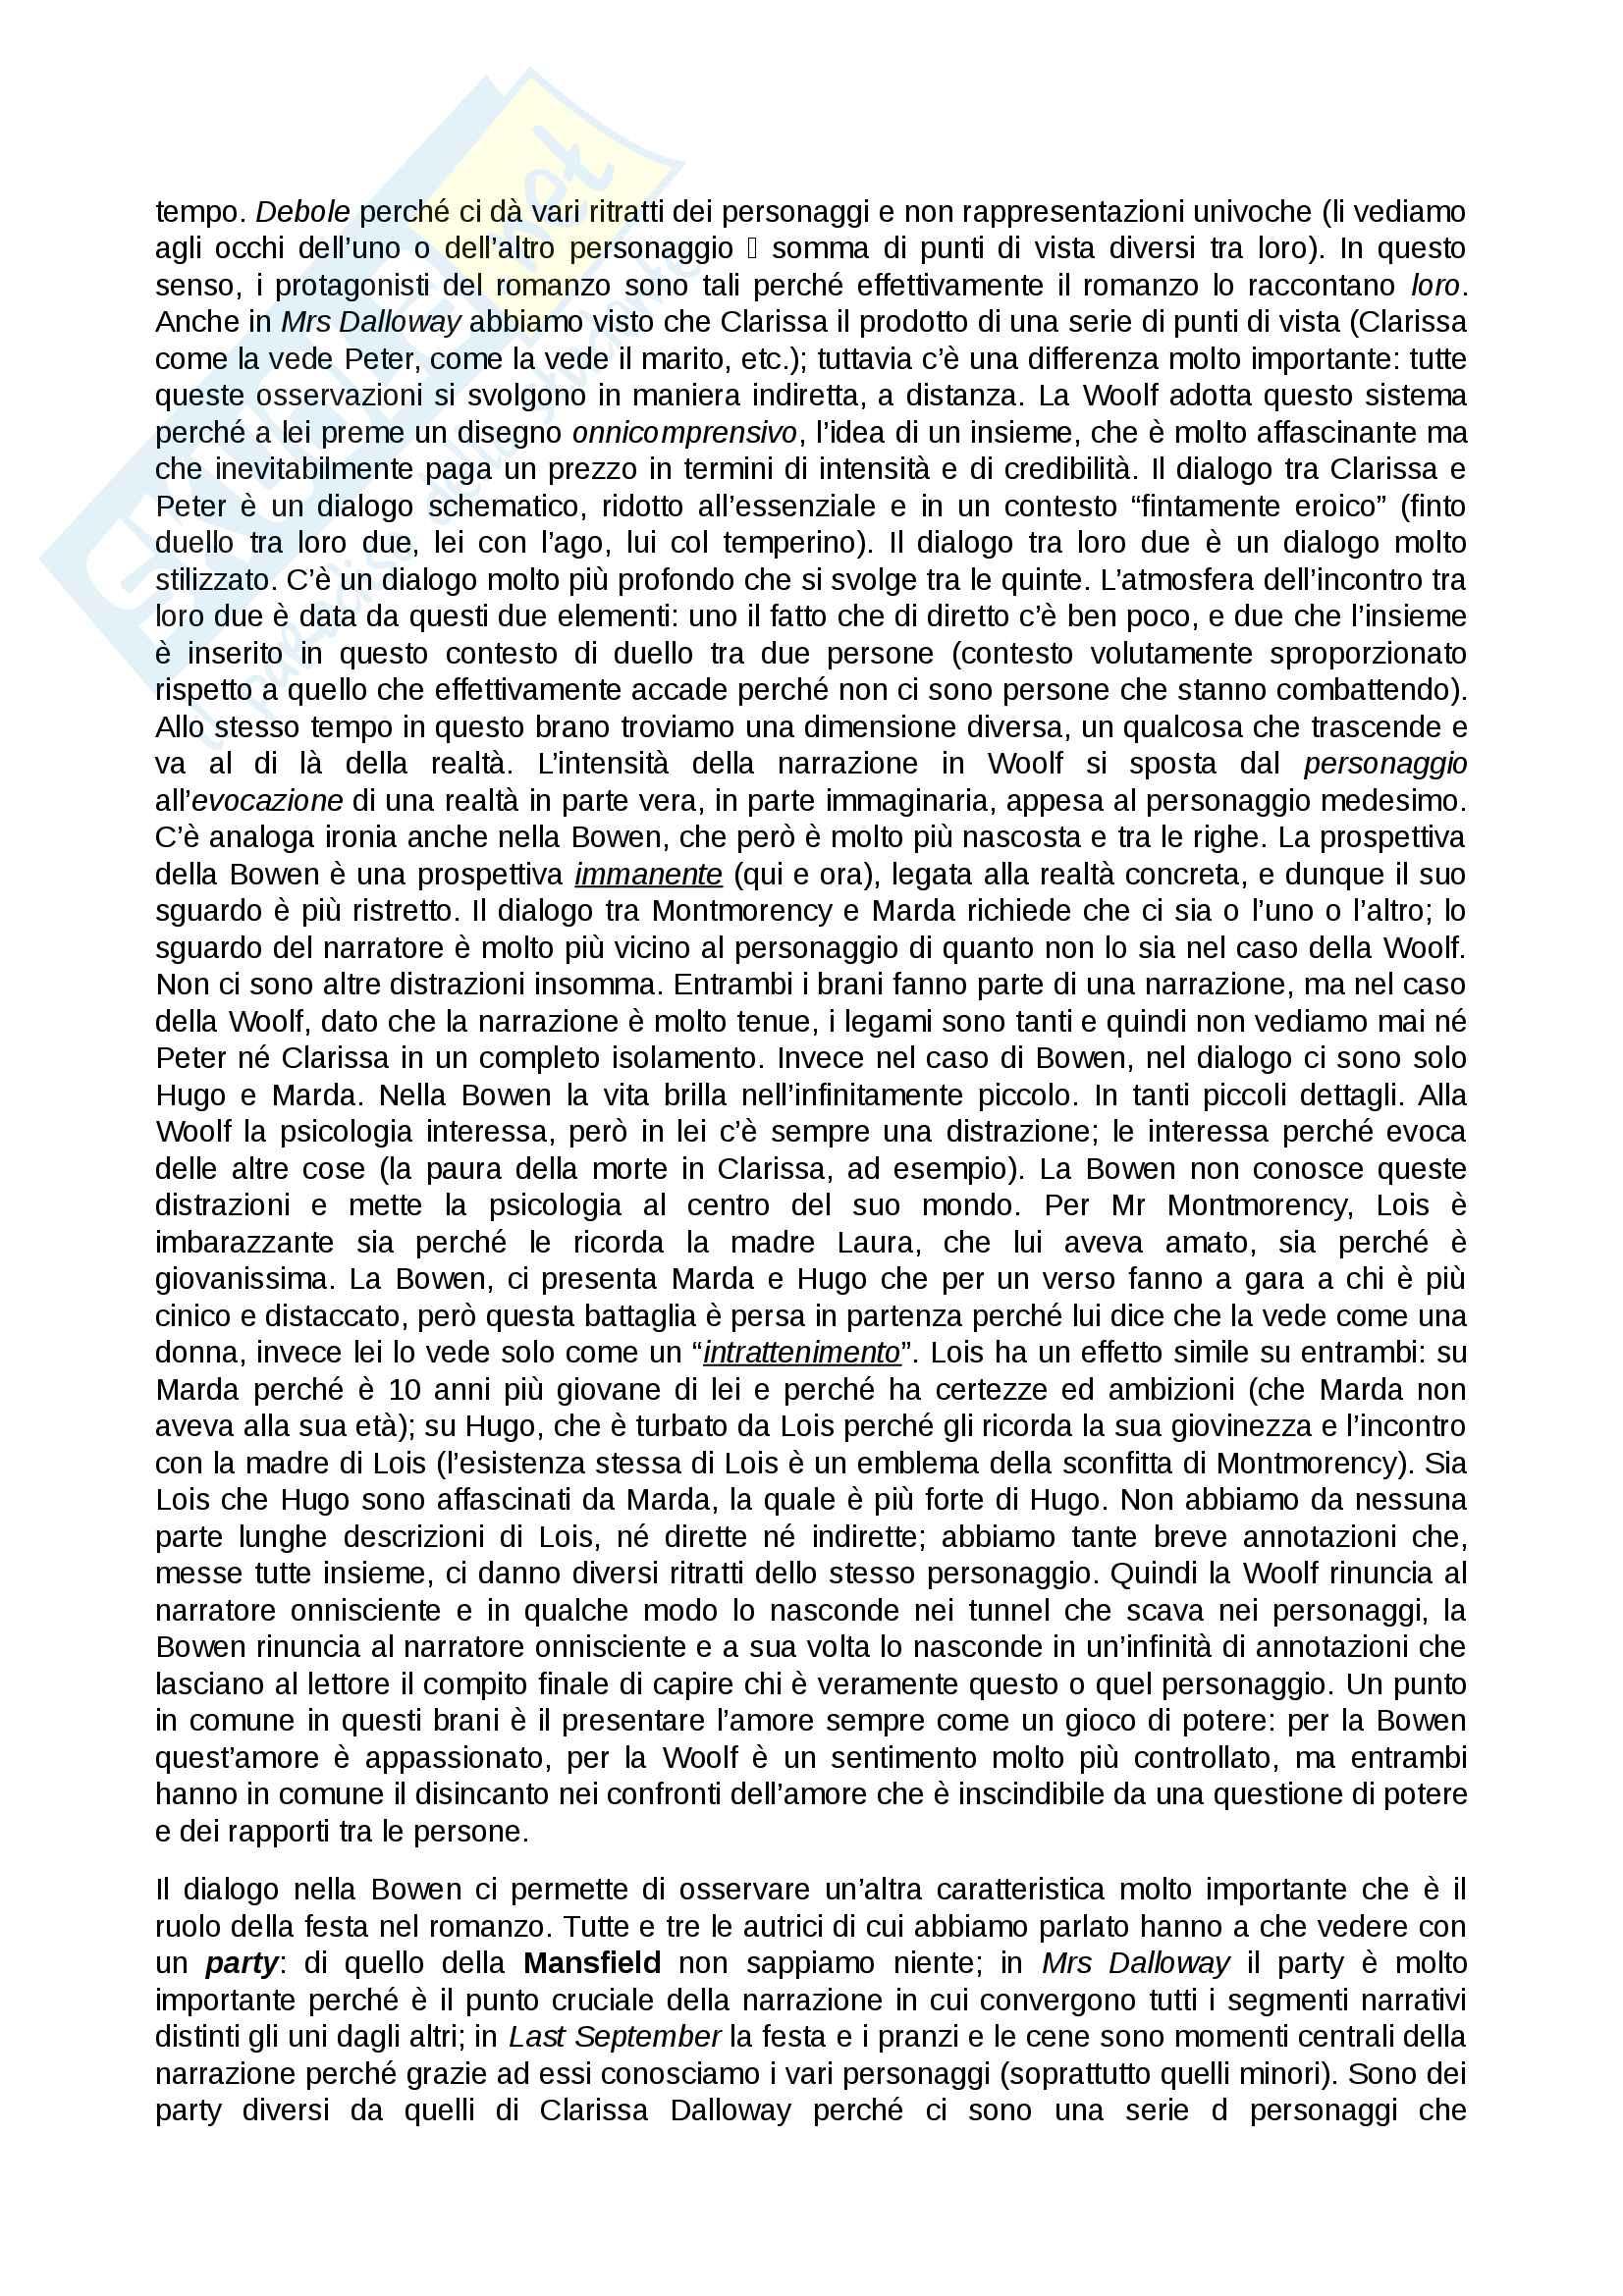 Appunti di Letteratura inglese, prof. Luciani, A.A. 2015/16, 1° semestre Pag. 31